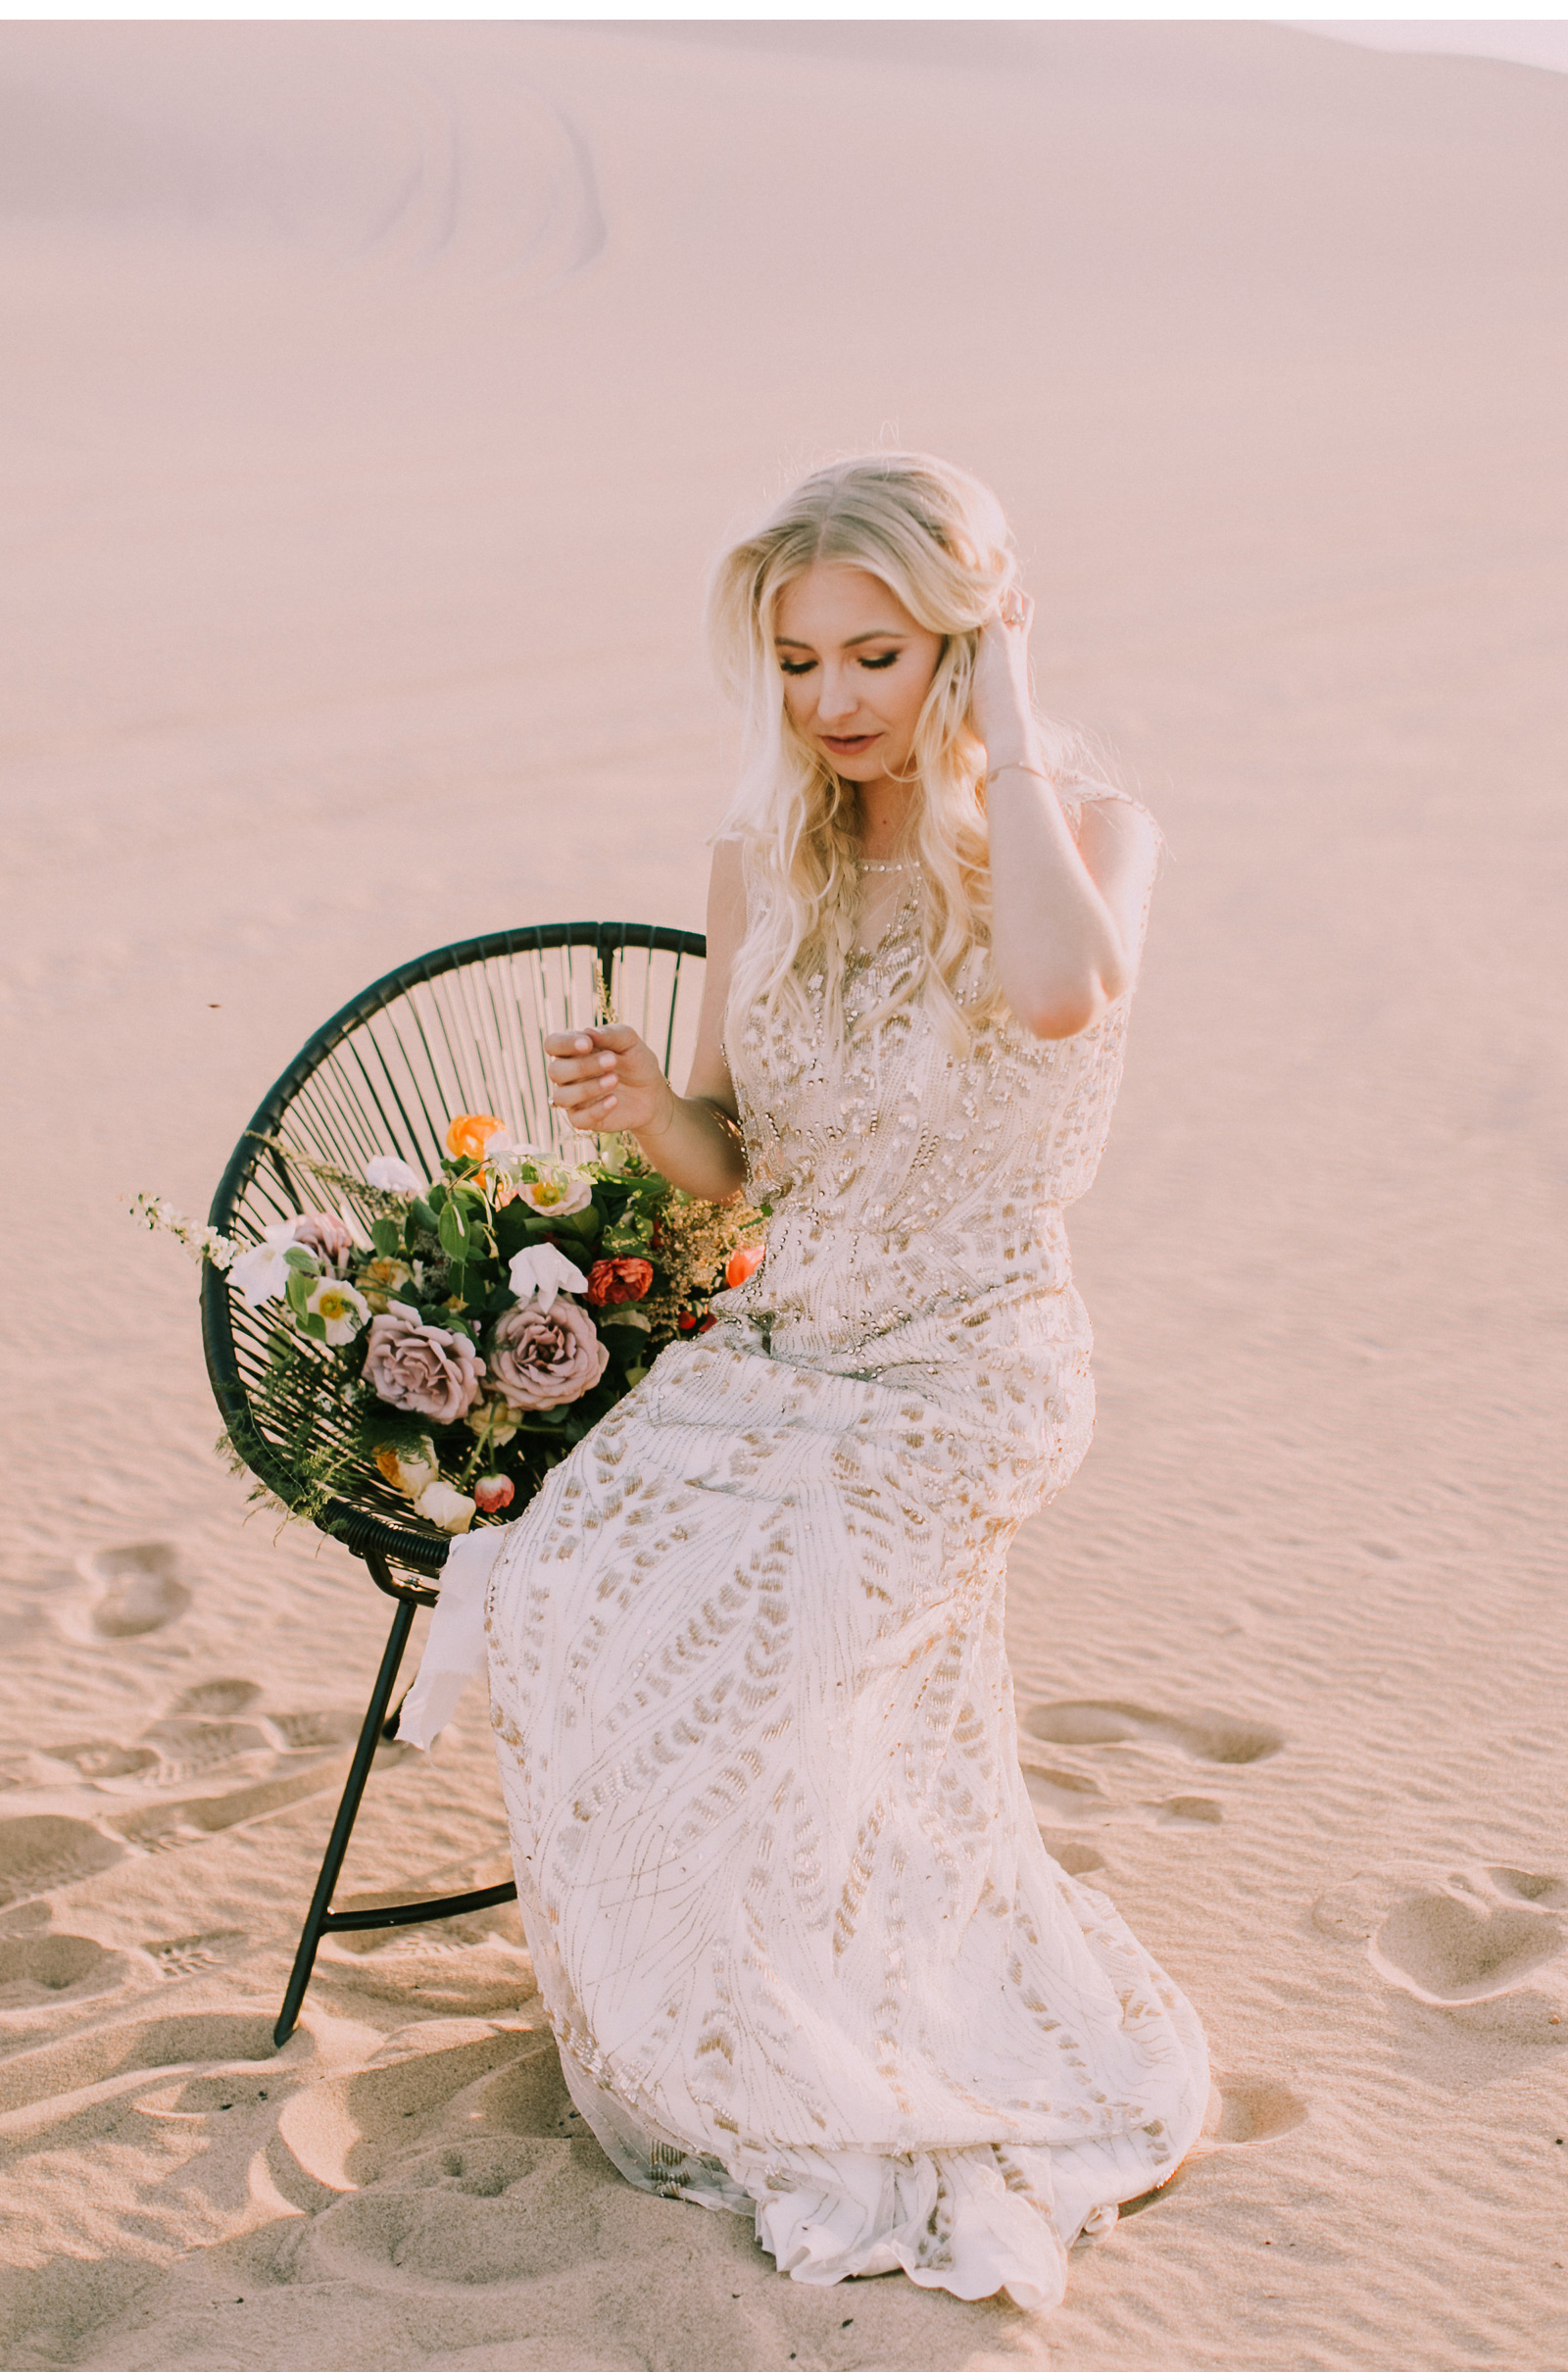 Adventure-Wedding-Green-Wedding-Shoes-Natalie-Schutt-Photography_21.jpg